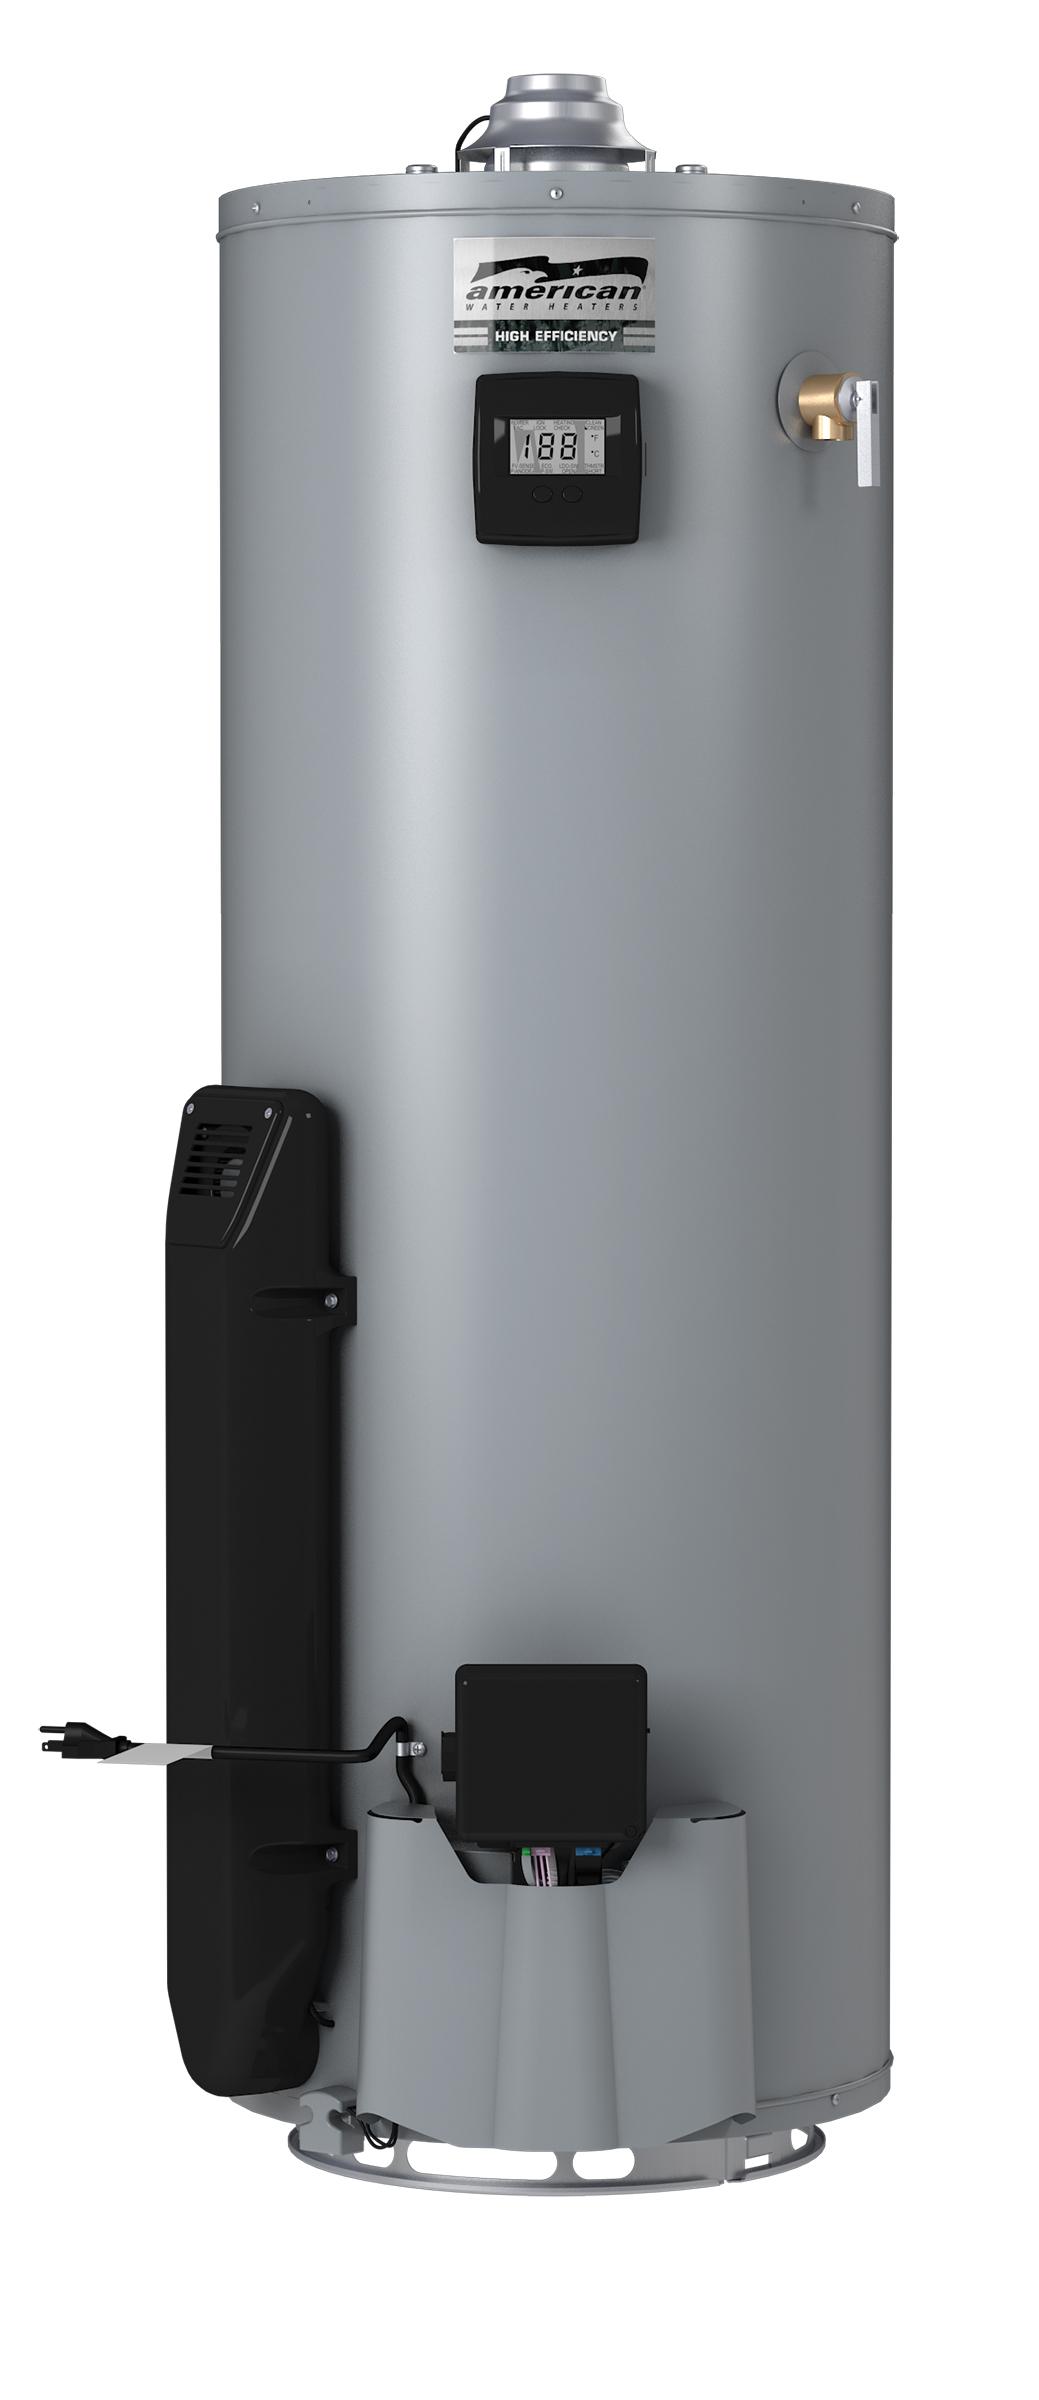 High Efficiency Water Heaters Gas American Water Heaters Media Bank American Water Heaters